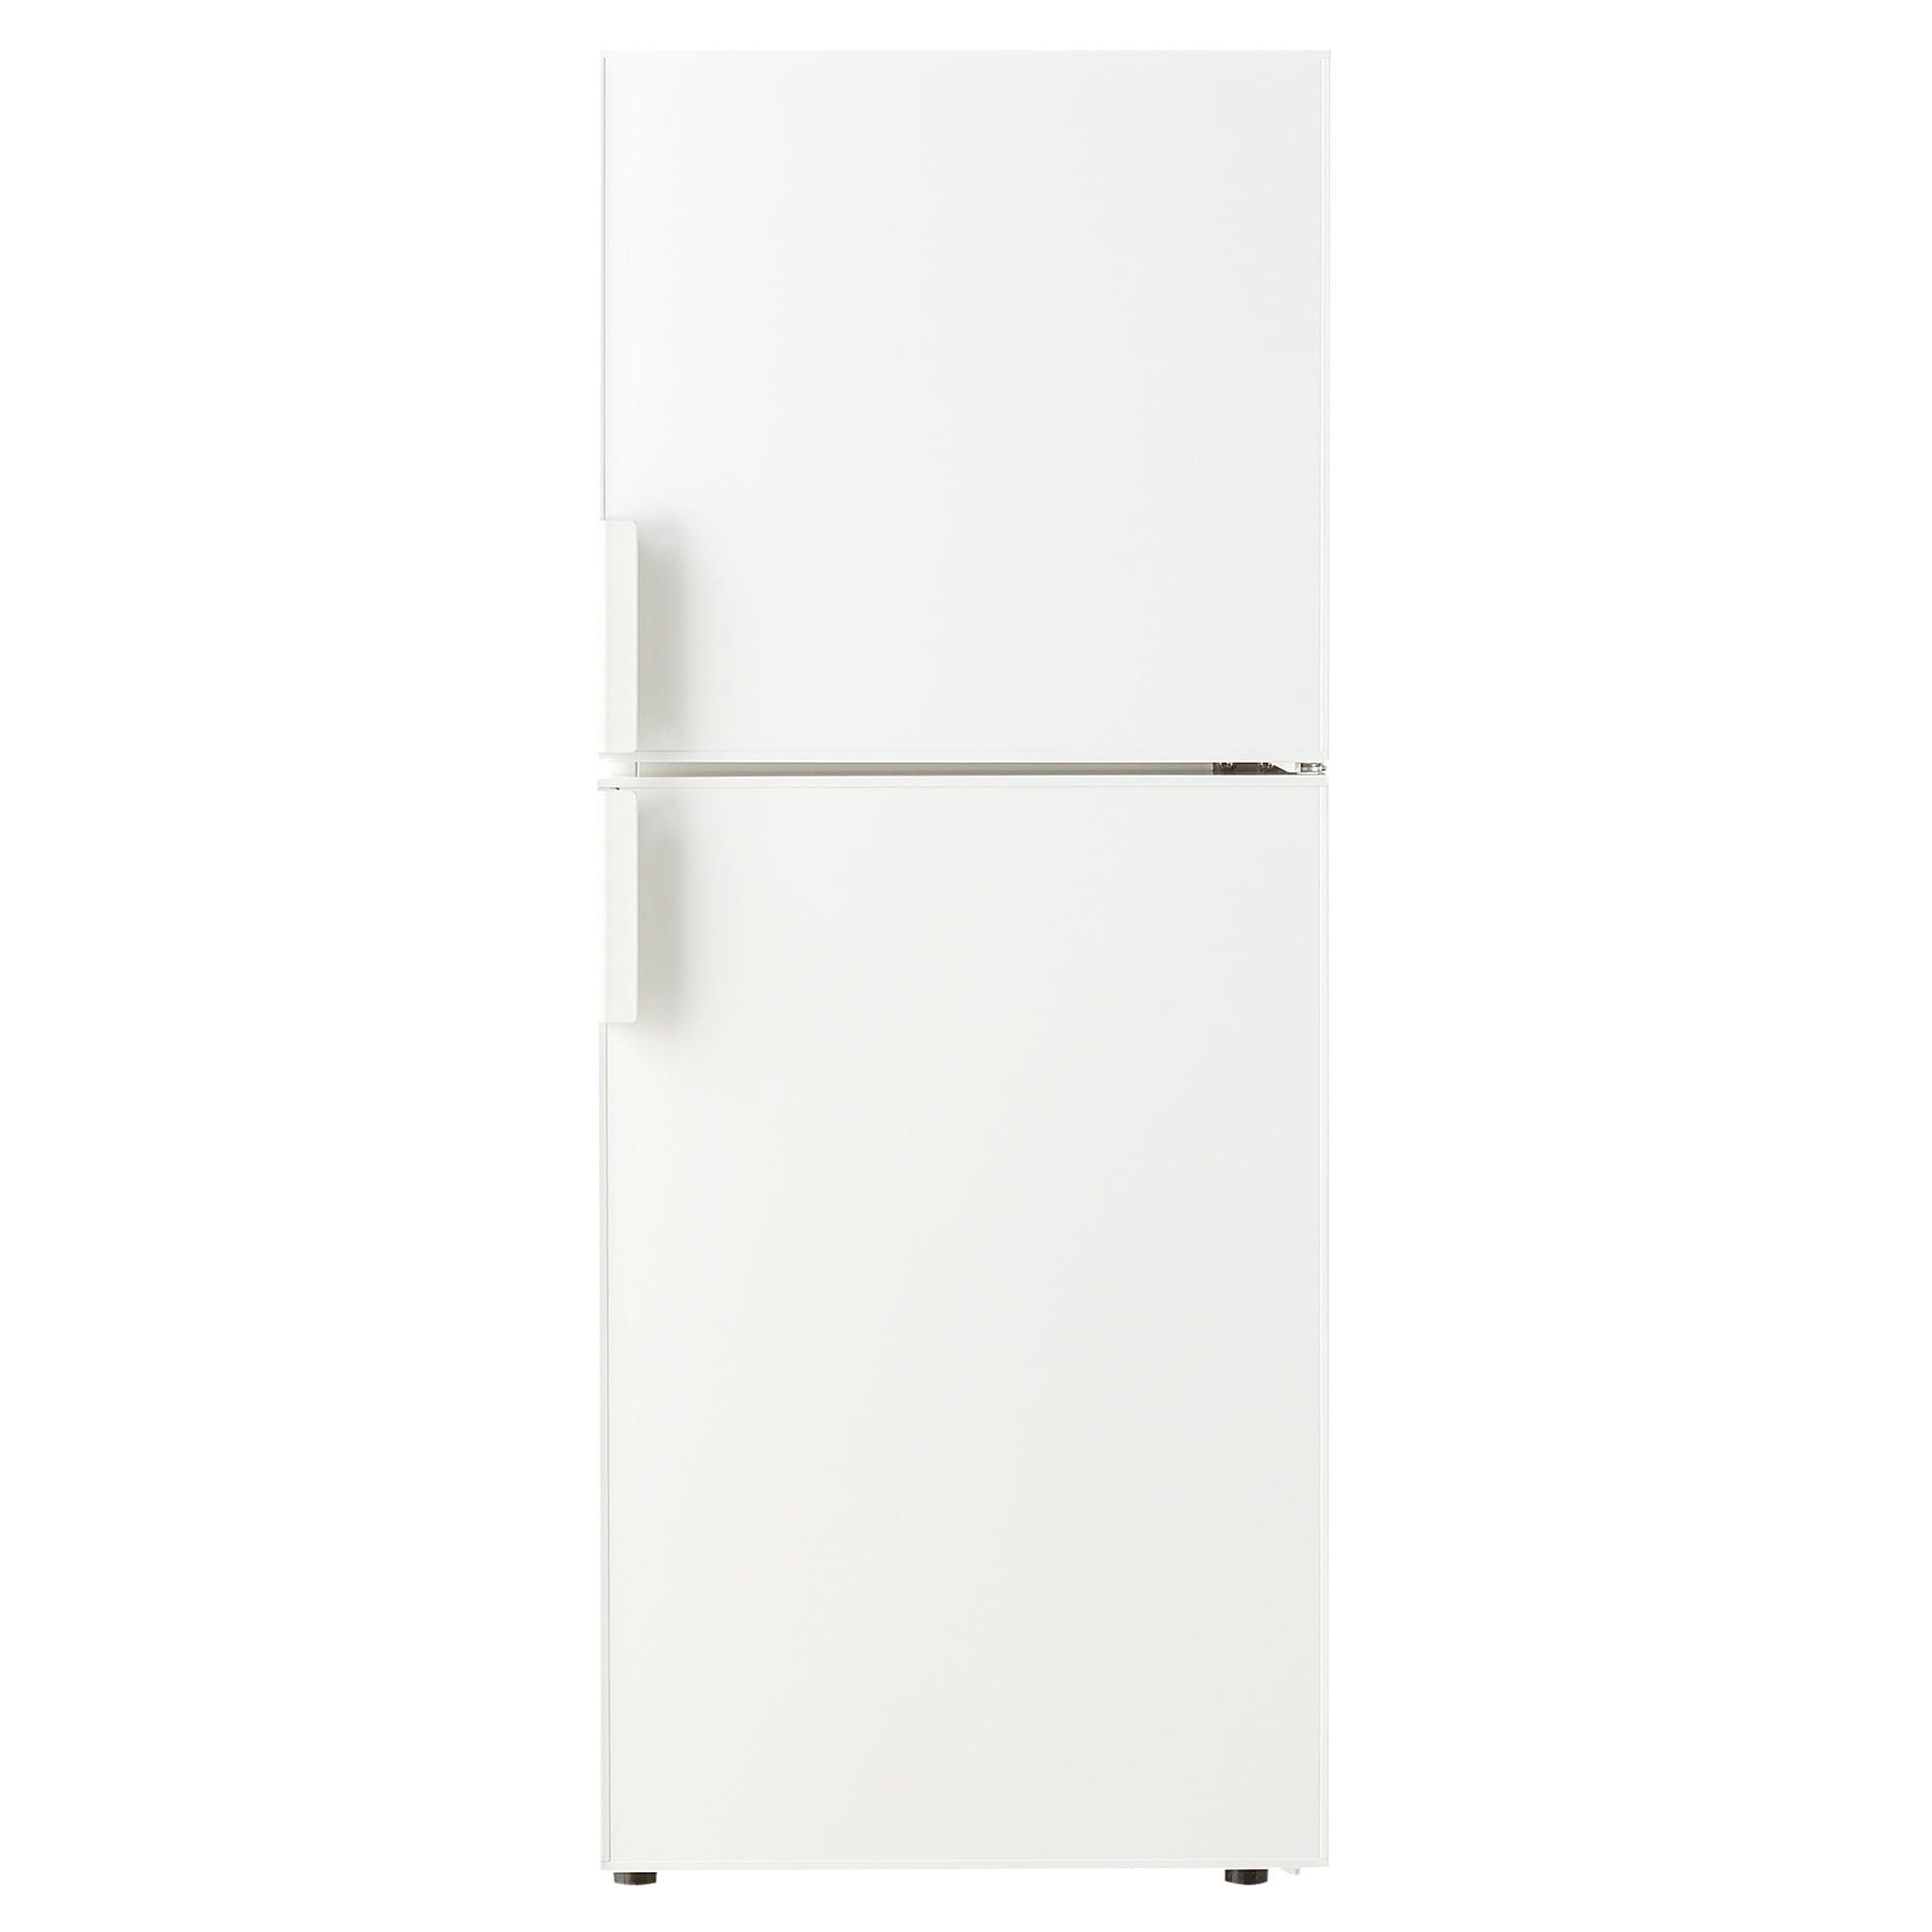 [무인양품] MUJI 냉장고 137L 일본 공식스토어 상품